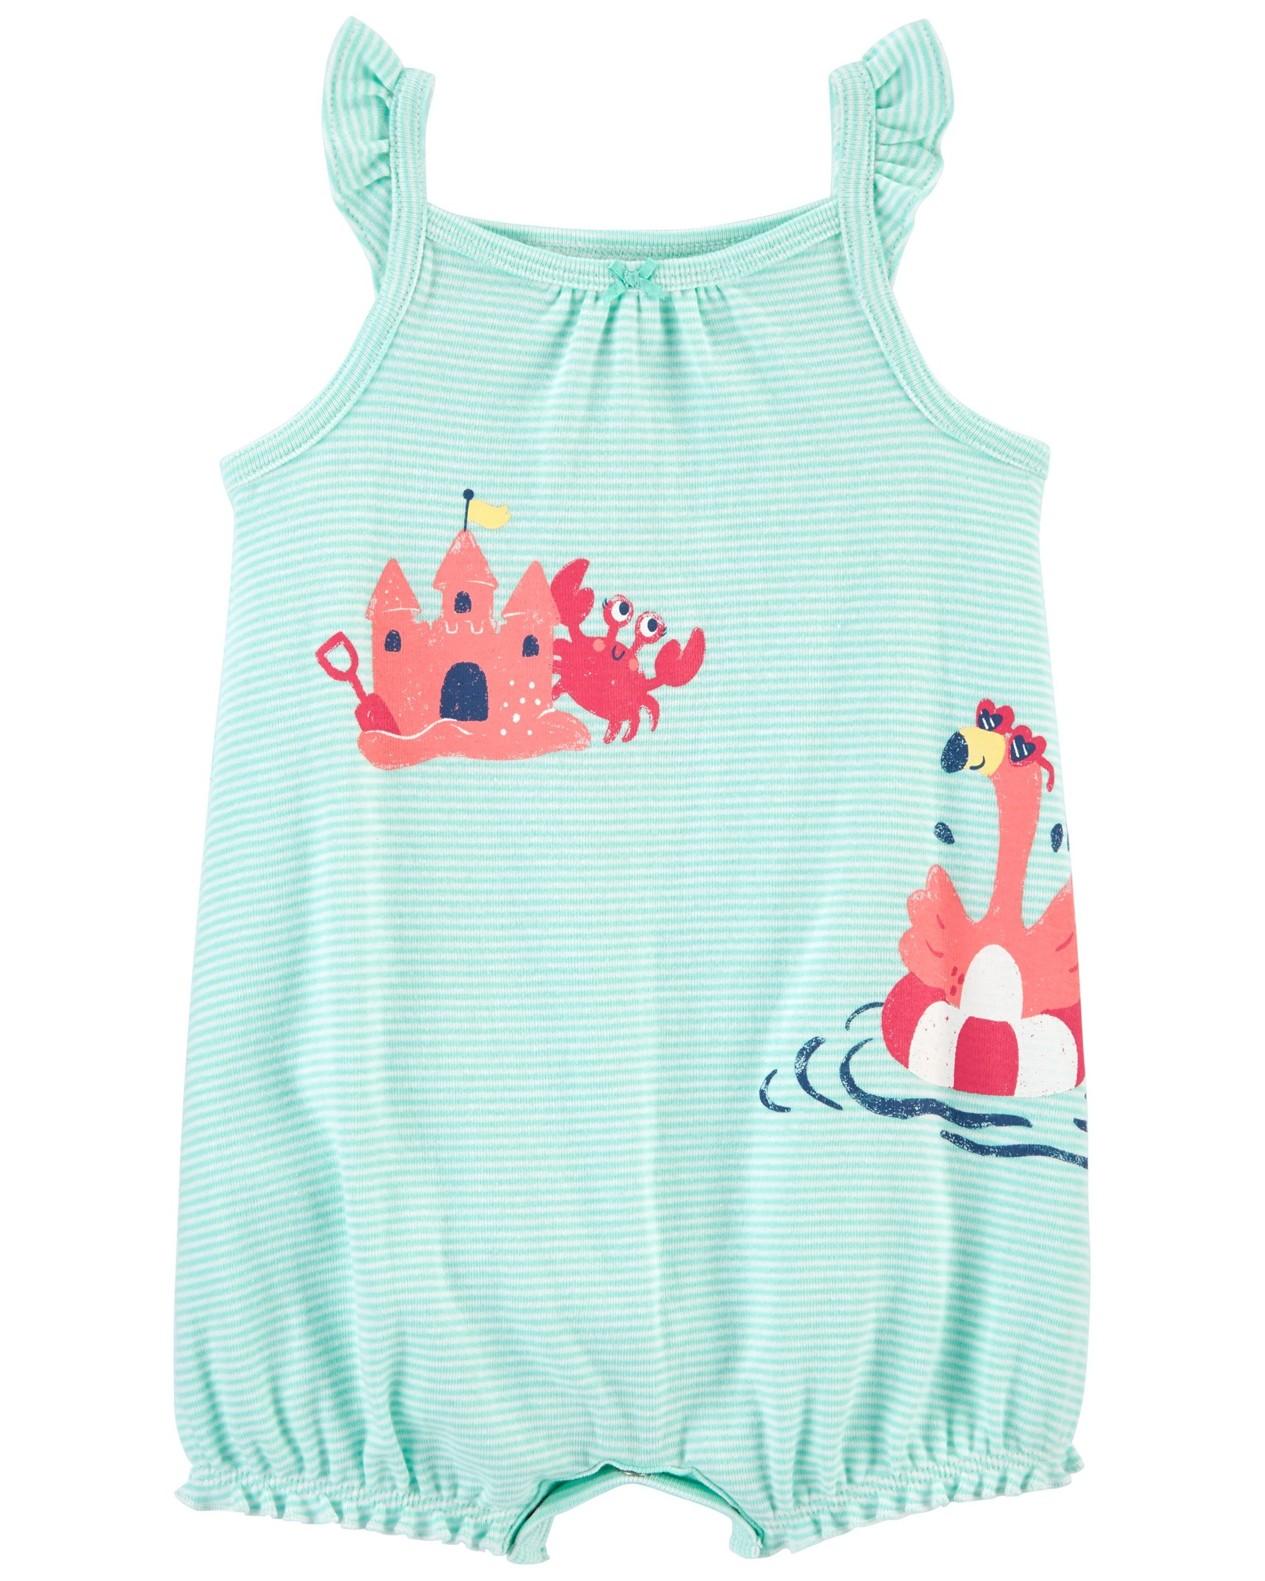 CARTER'S Opaľovačky Flamingo Stripe dievča NB, veľ. 56